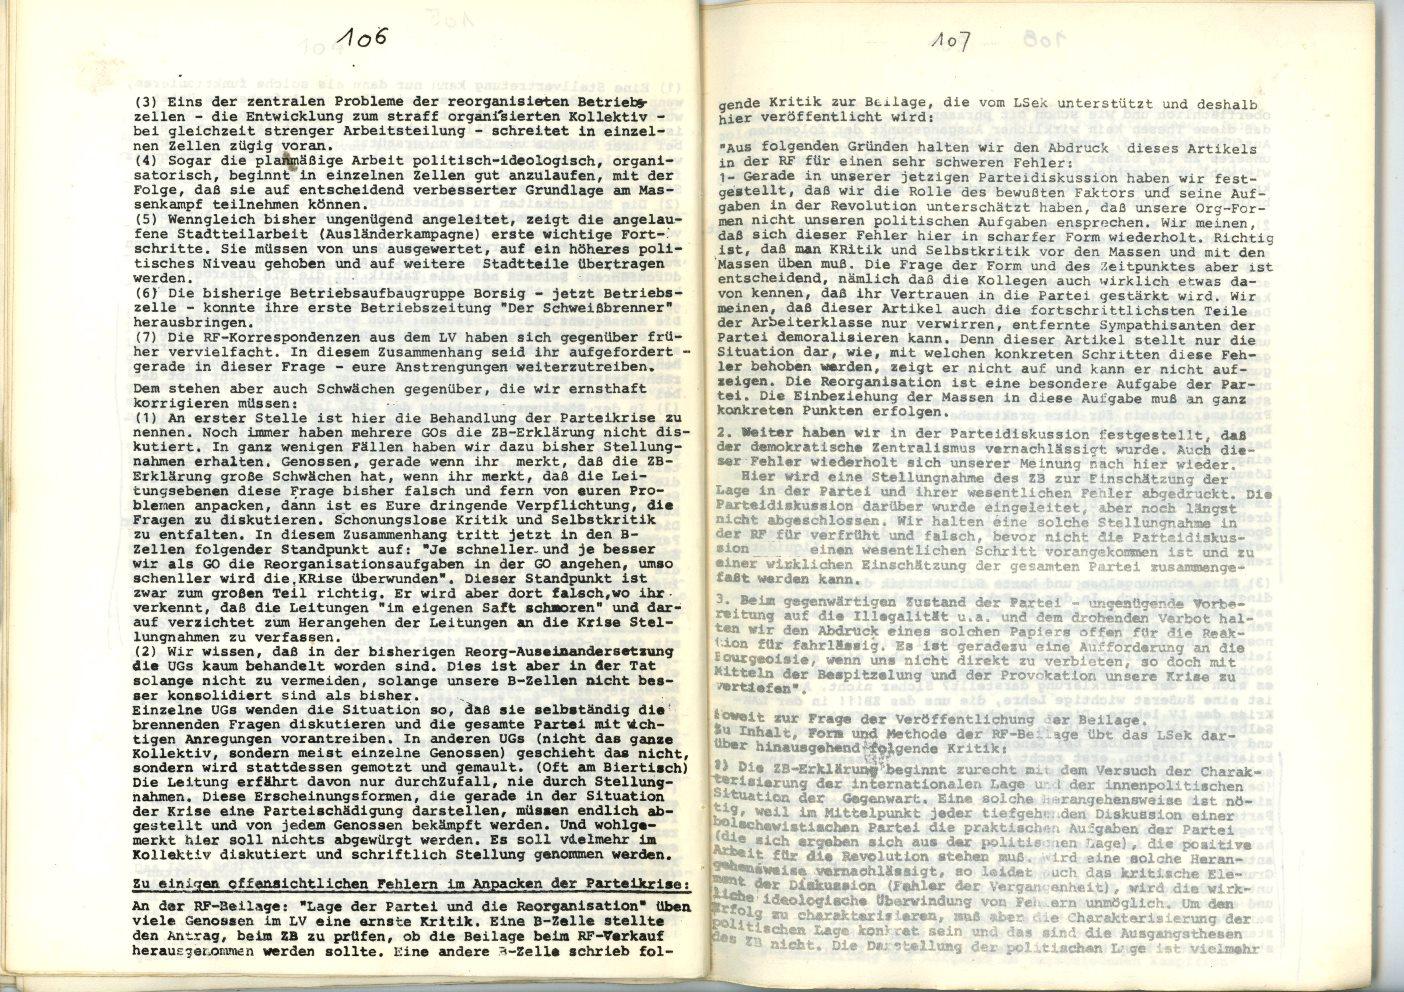 ZB_1972_Diskussionsorgan_zur_ersten_Parteikonferenz_59